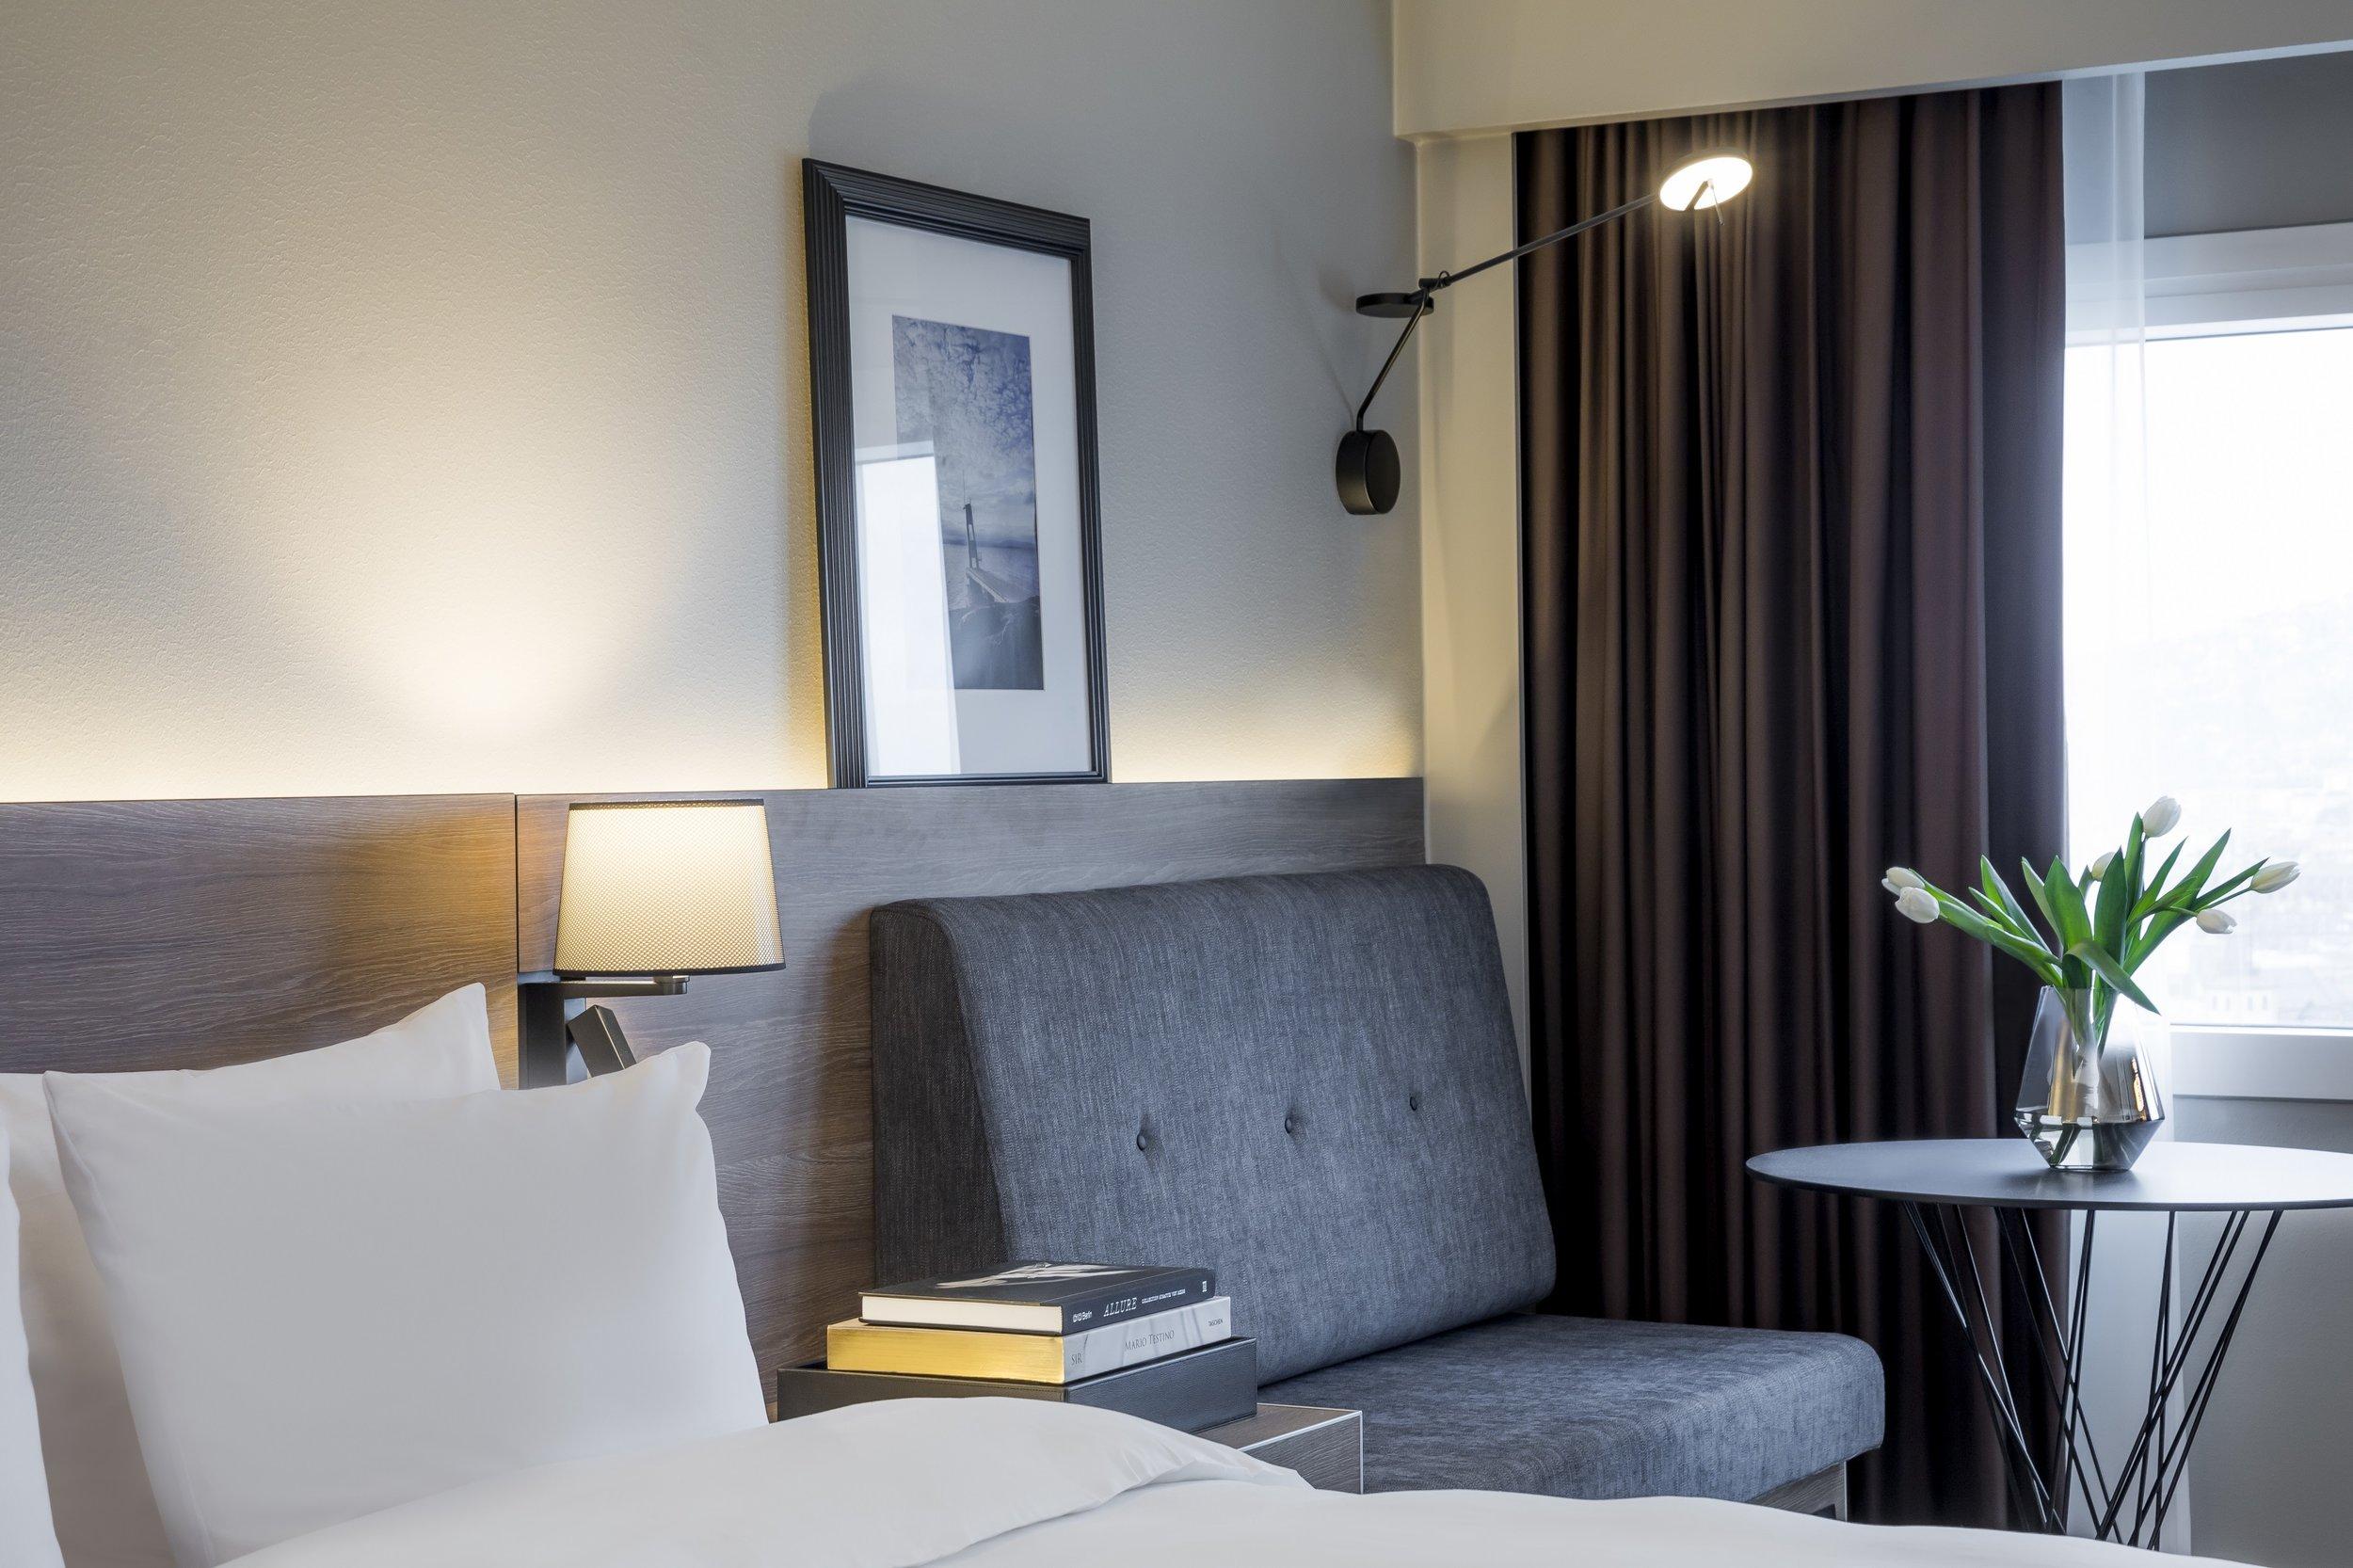 Slik blir noen av de nye rommene.                            Foto - Rickard L. Eriksson